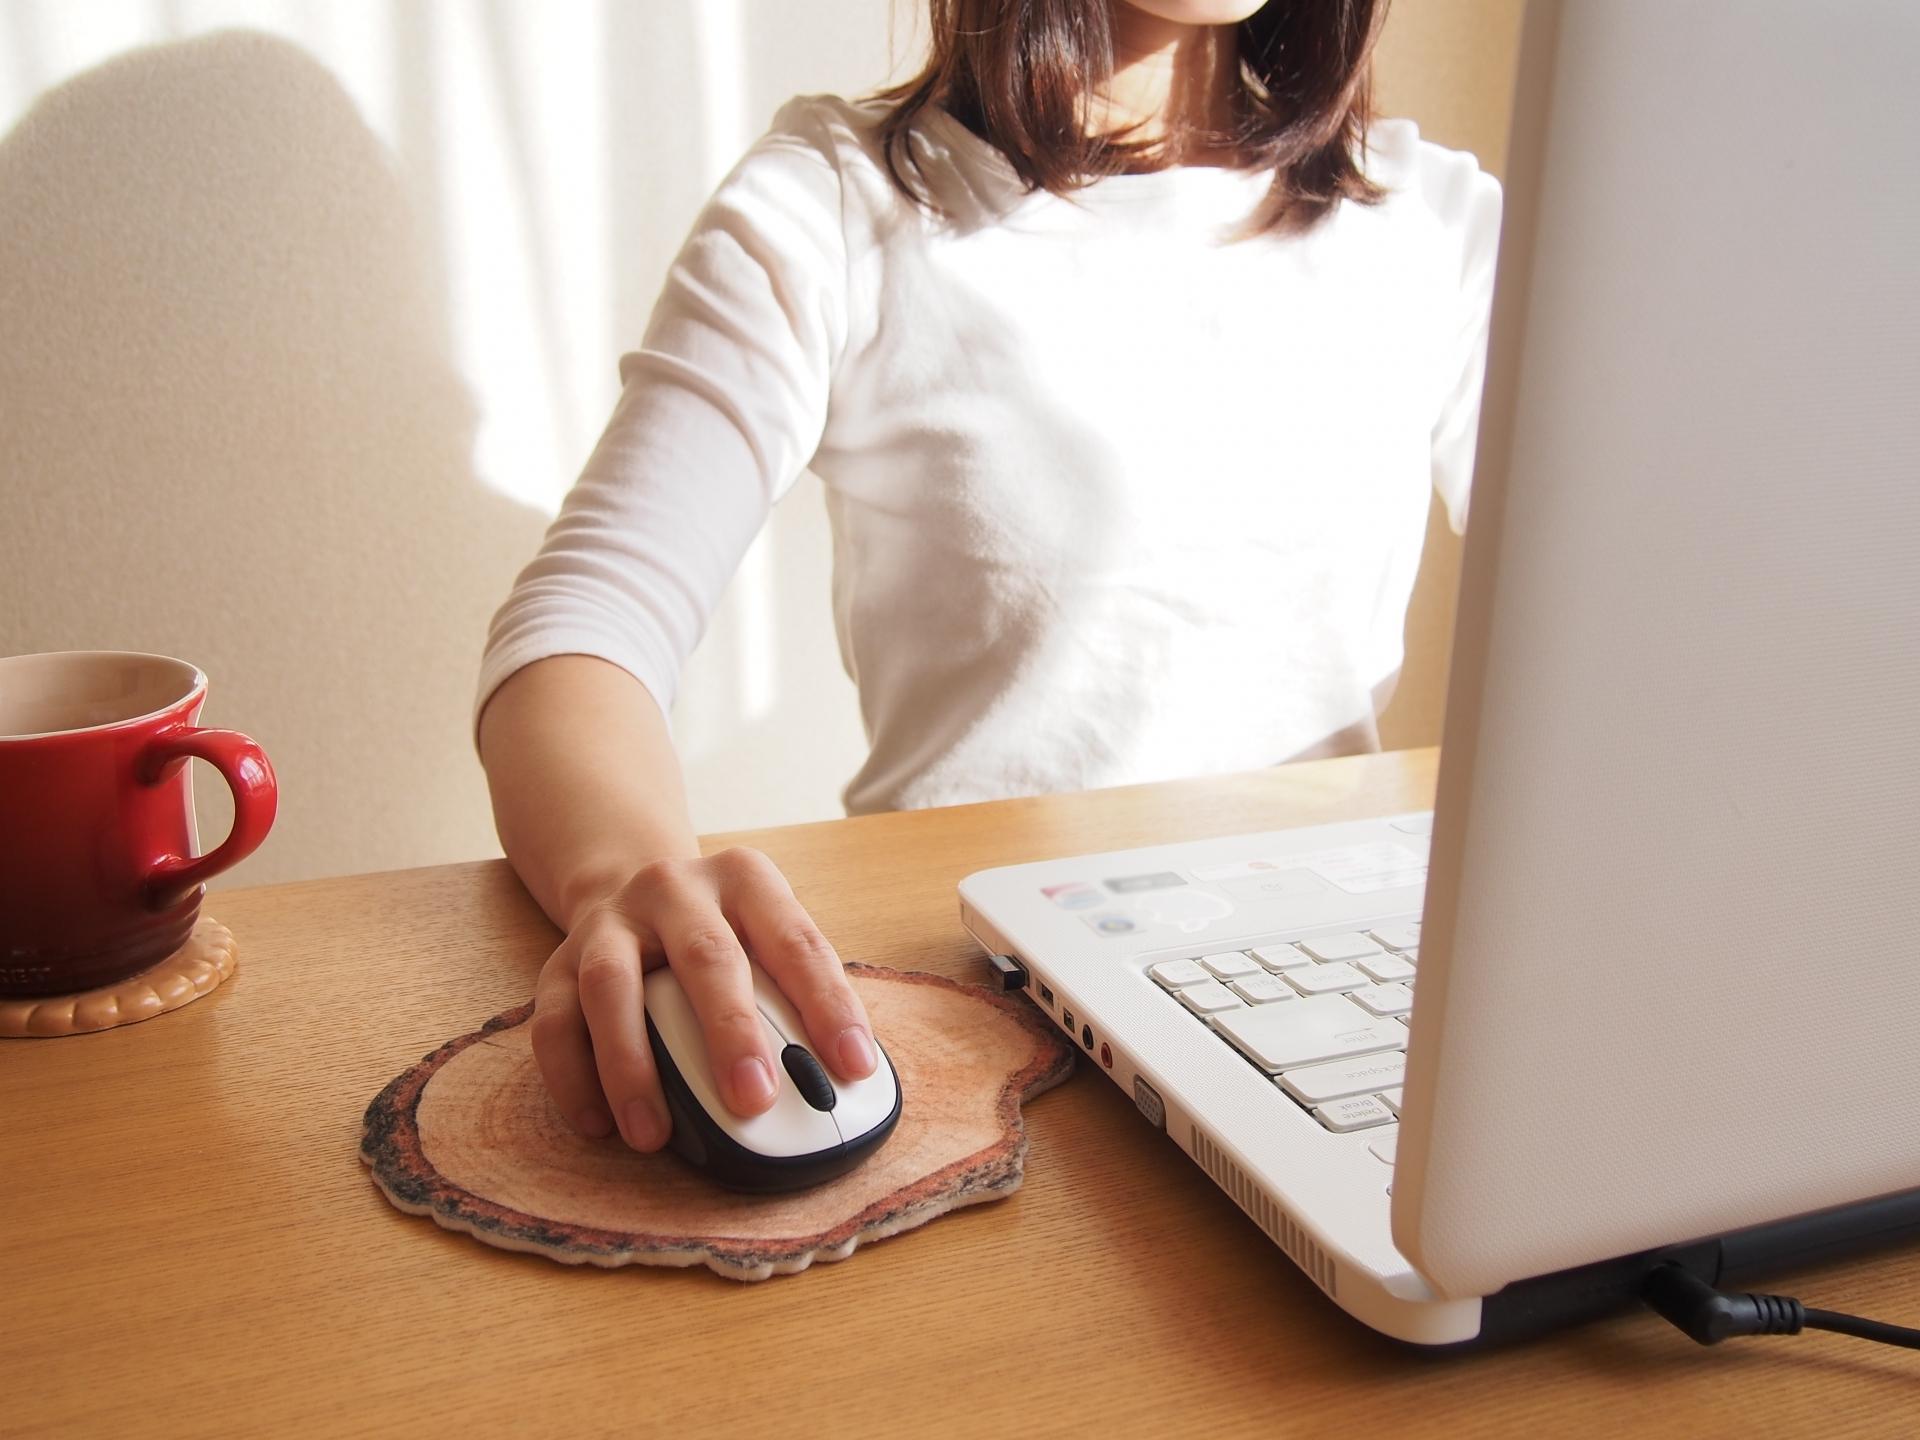 子供の病気や学校行事に休みがちだけど強い心で外で働くべき?